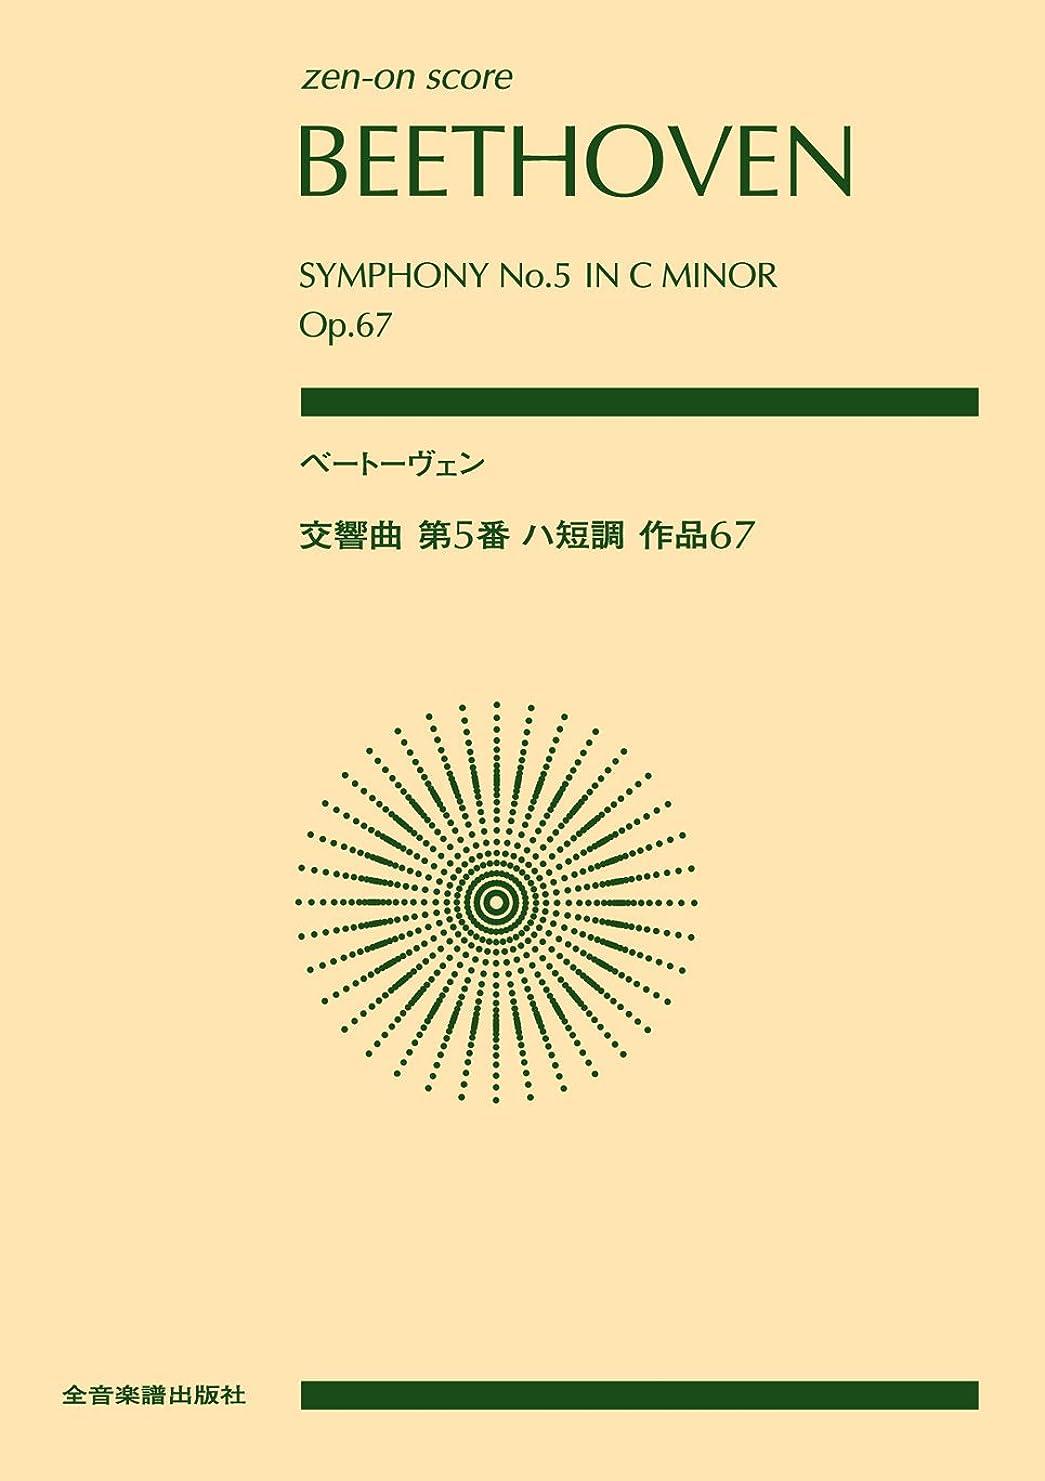 逃す石鹸経験ベートーヴェン 交響曲第5番ハ短調作品67 (zen-on score)